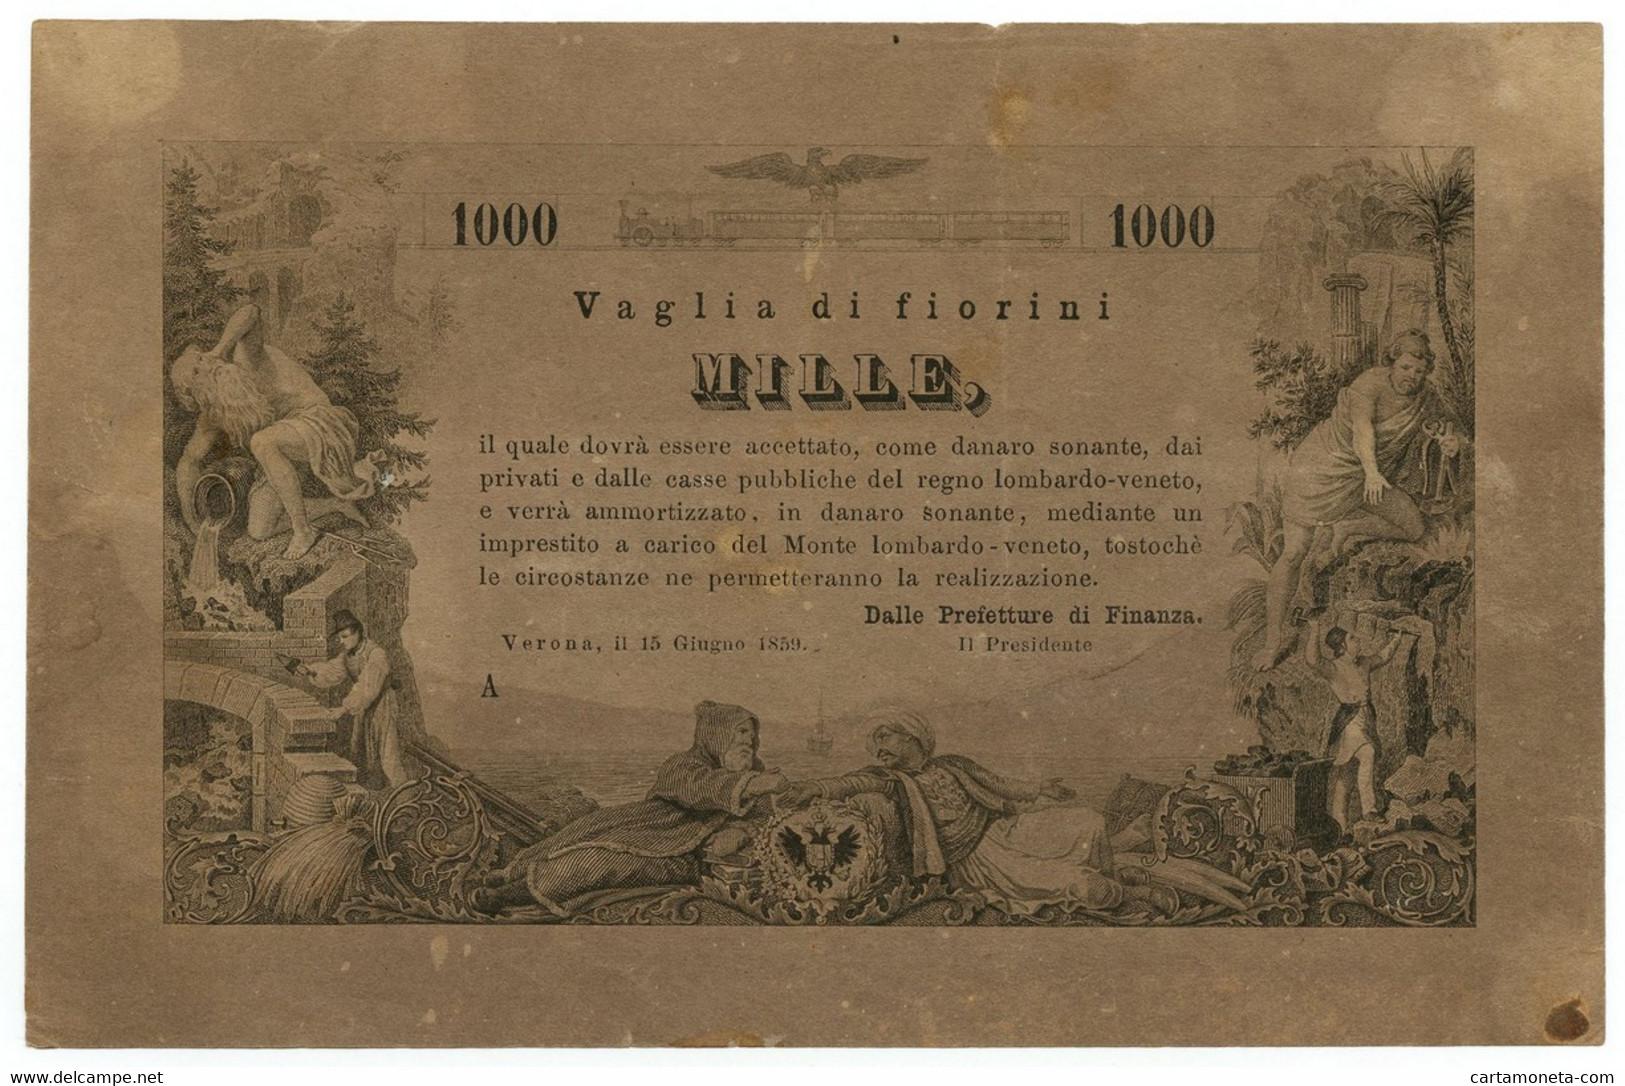 1000 FIORINI VAGLIA DEL MONTE LOMBARDO VENETO VALUTA AUTRIACA 15/06/1859 SPL - Altri